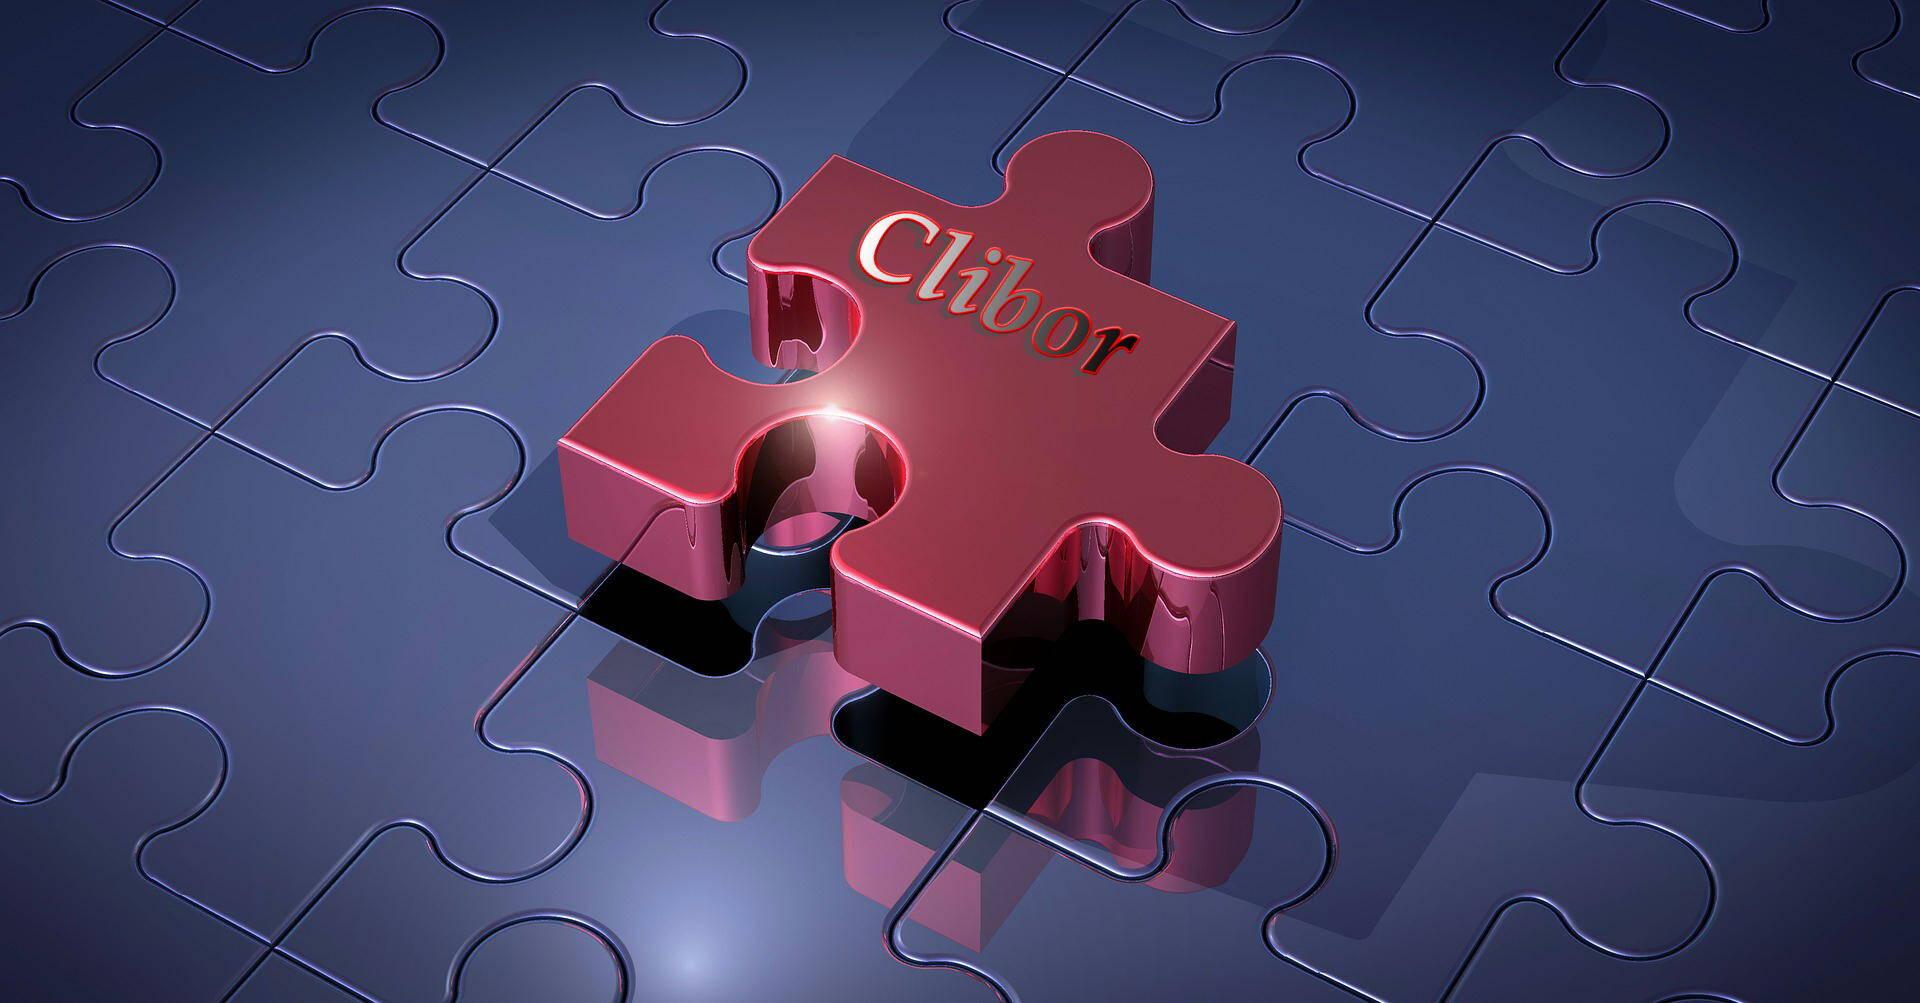 Clibor